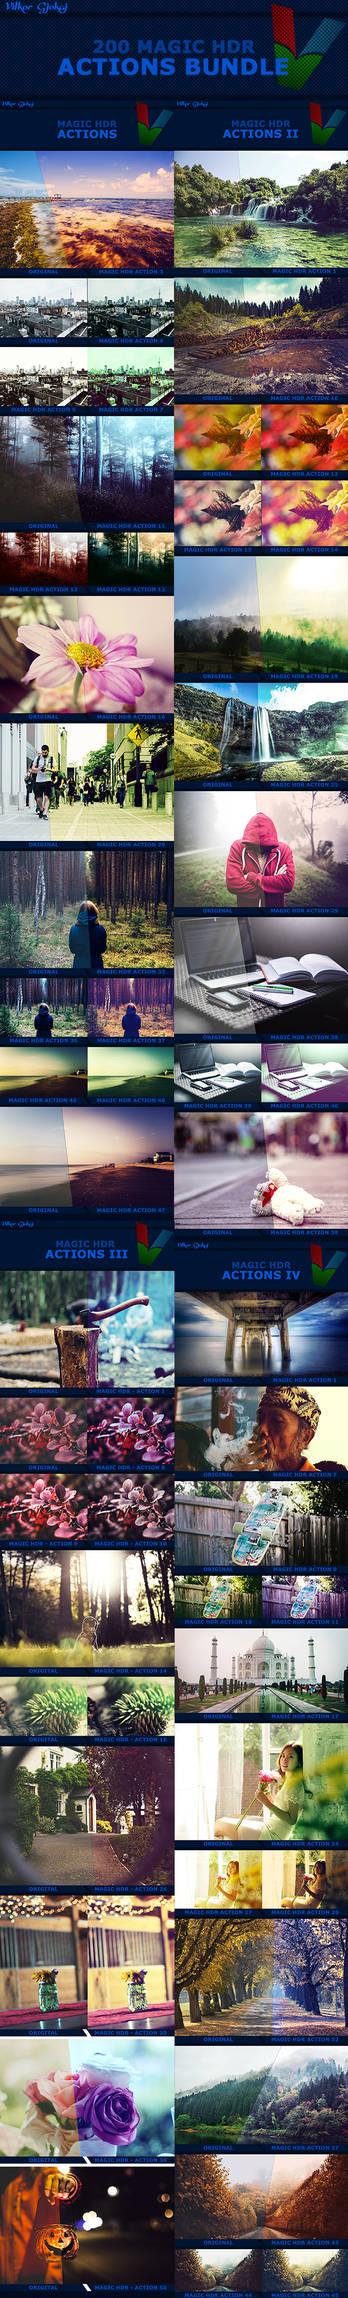 200 Magic HDR Photoshop Actions - BUNDLE